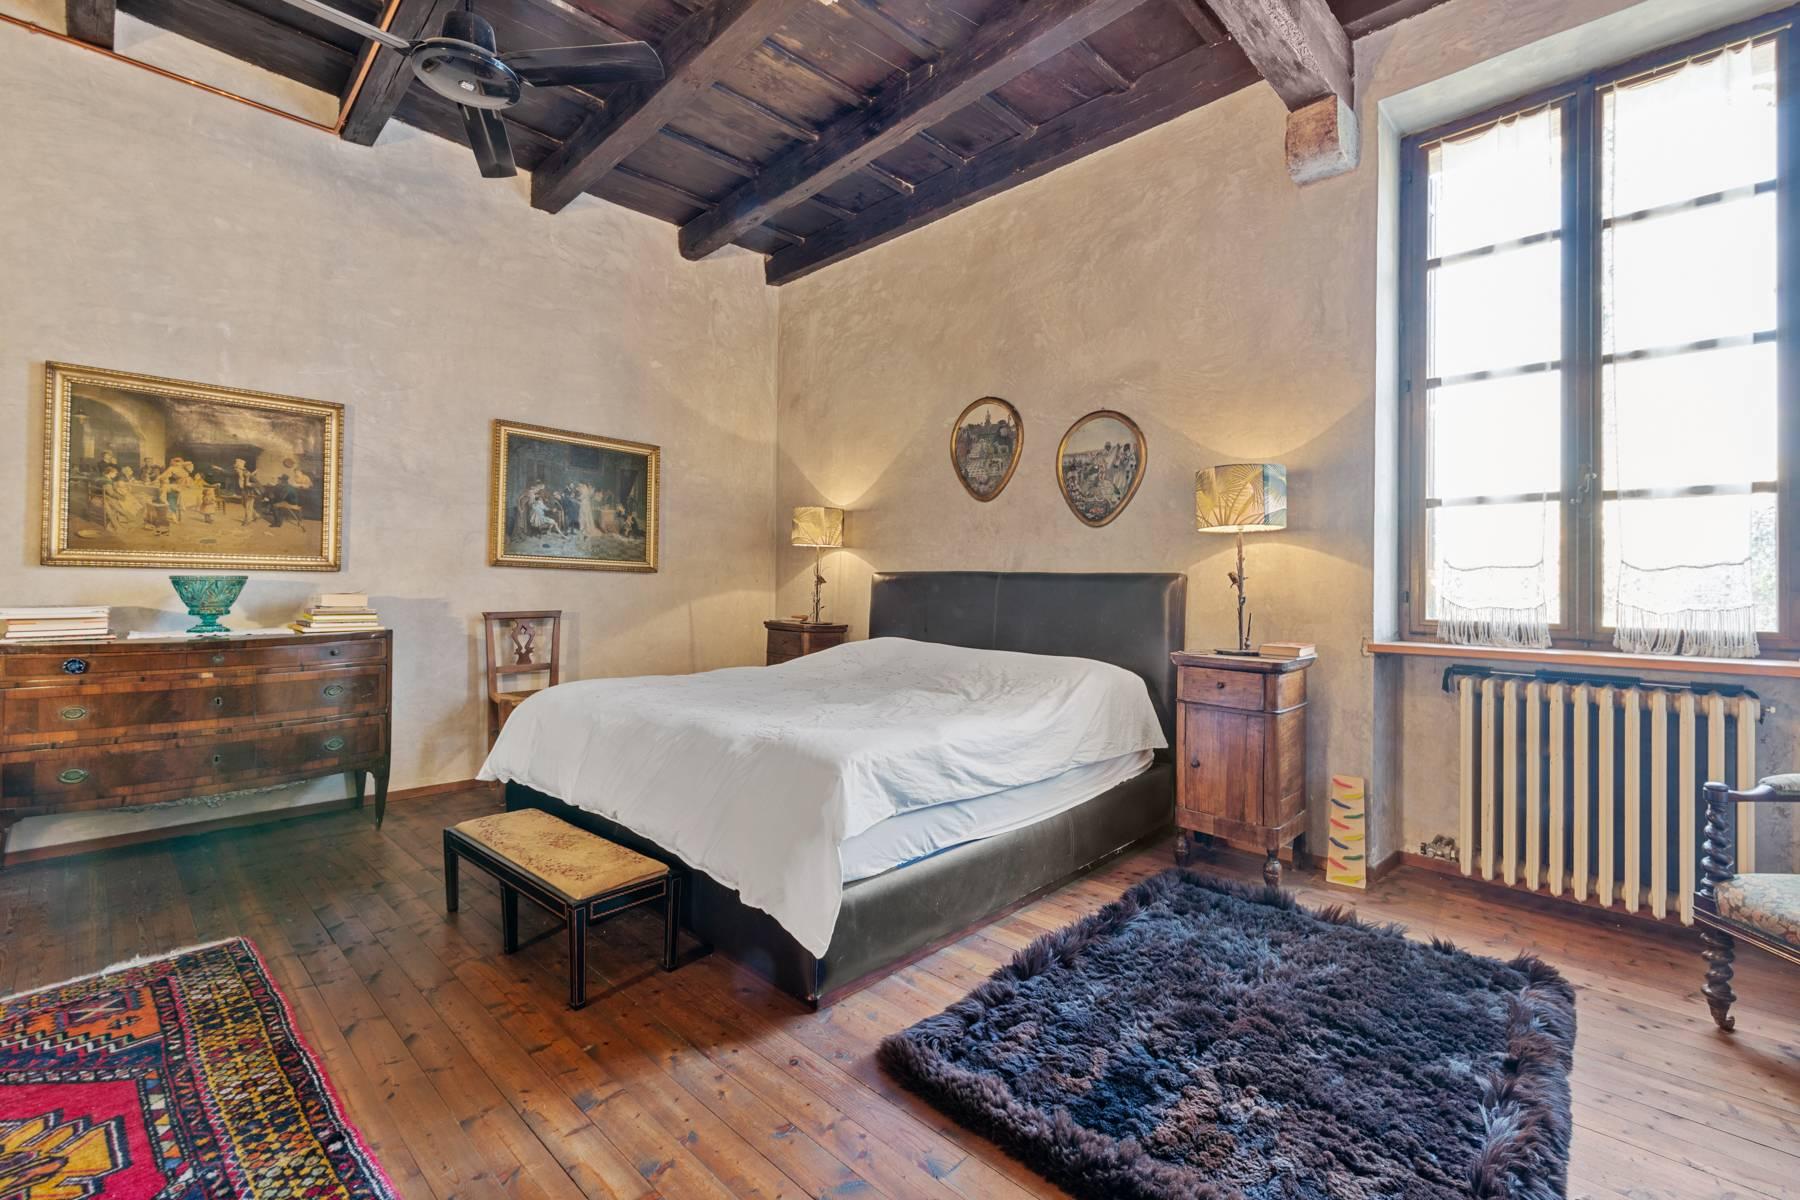 Rustico in Vendita a Caprino Veronese: 5 locali, 770 mq - Foto 17